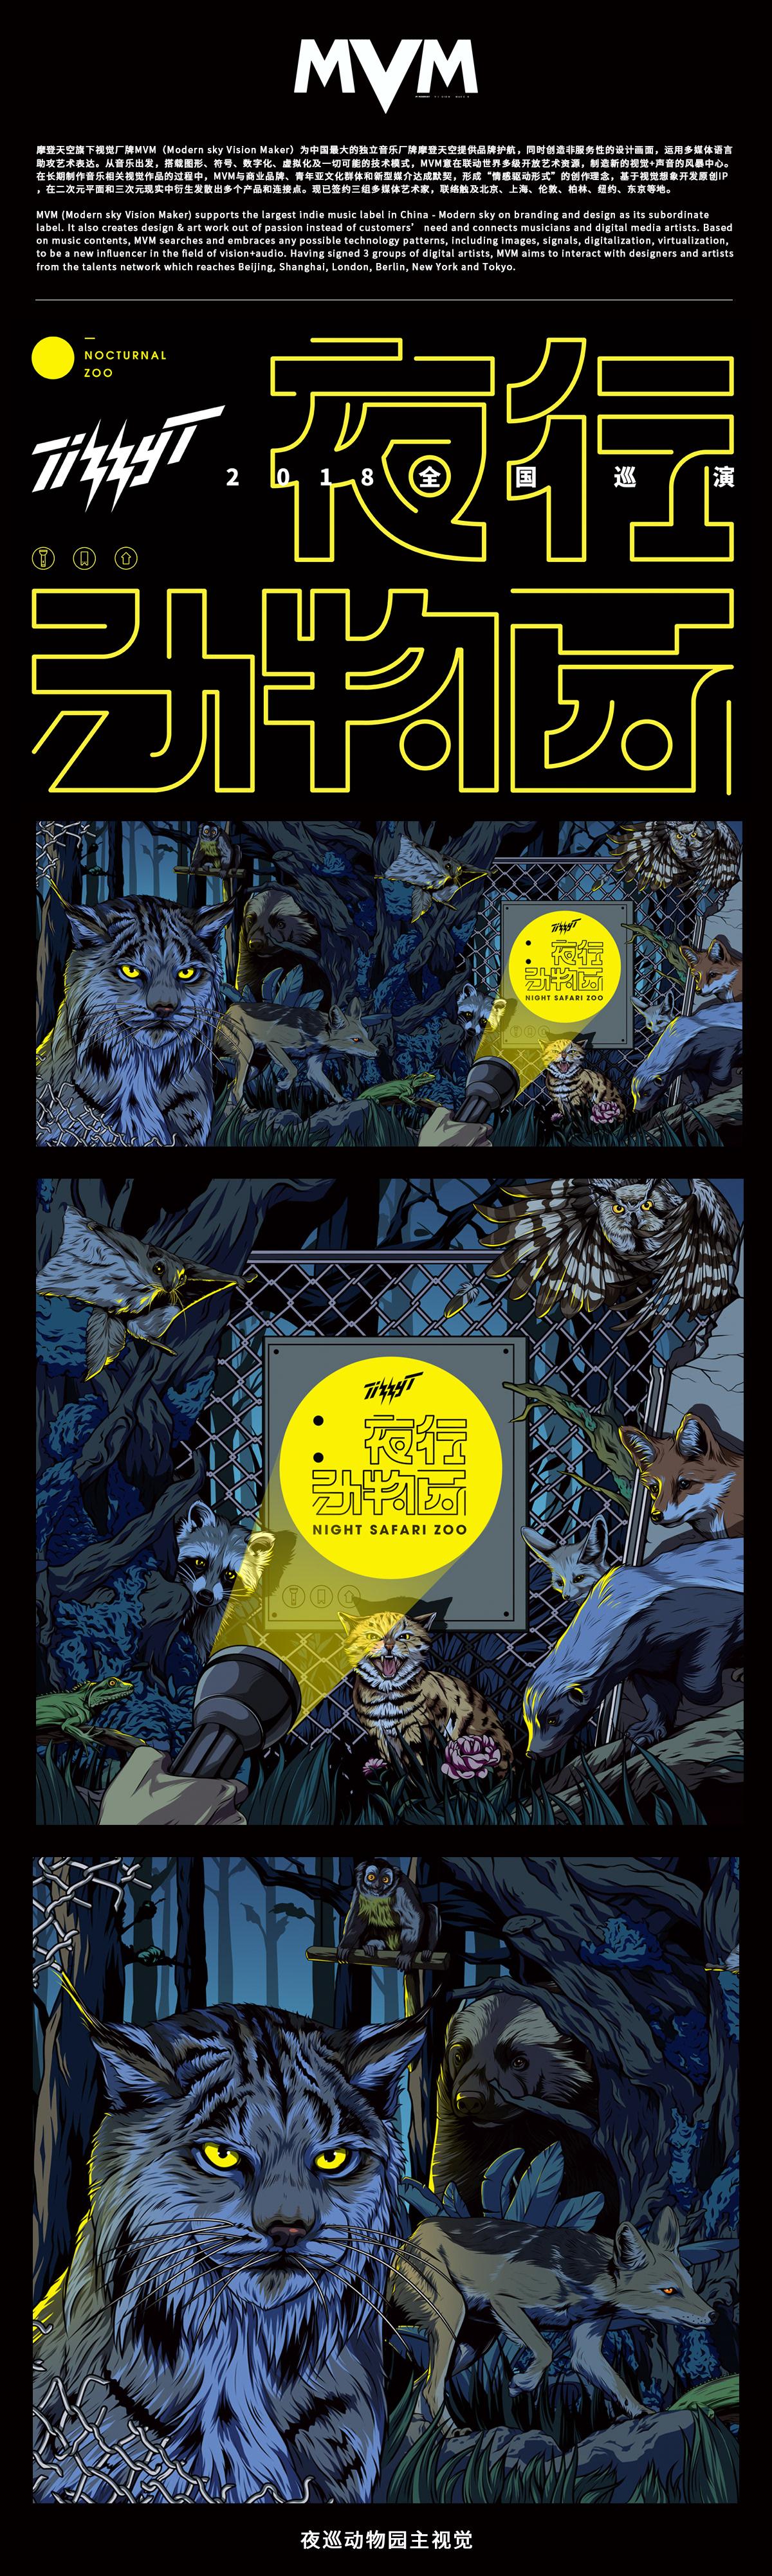 《夜行動物園》視覺設計 on Behance